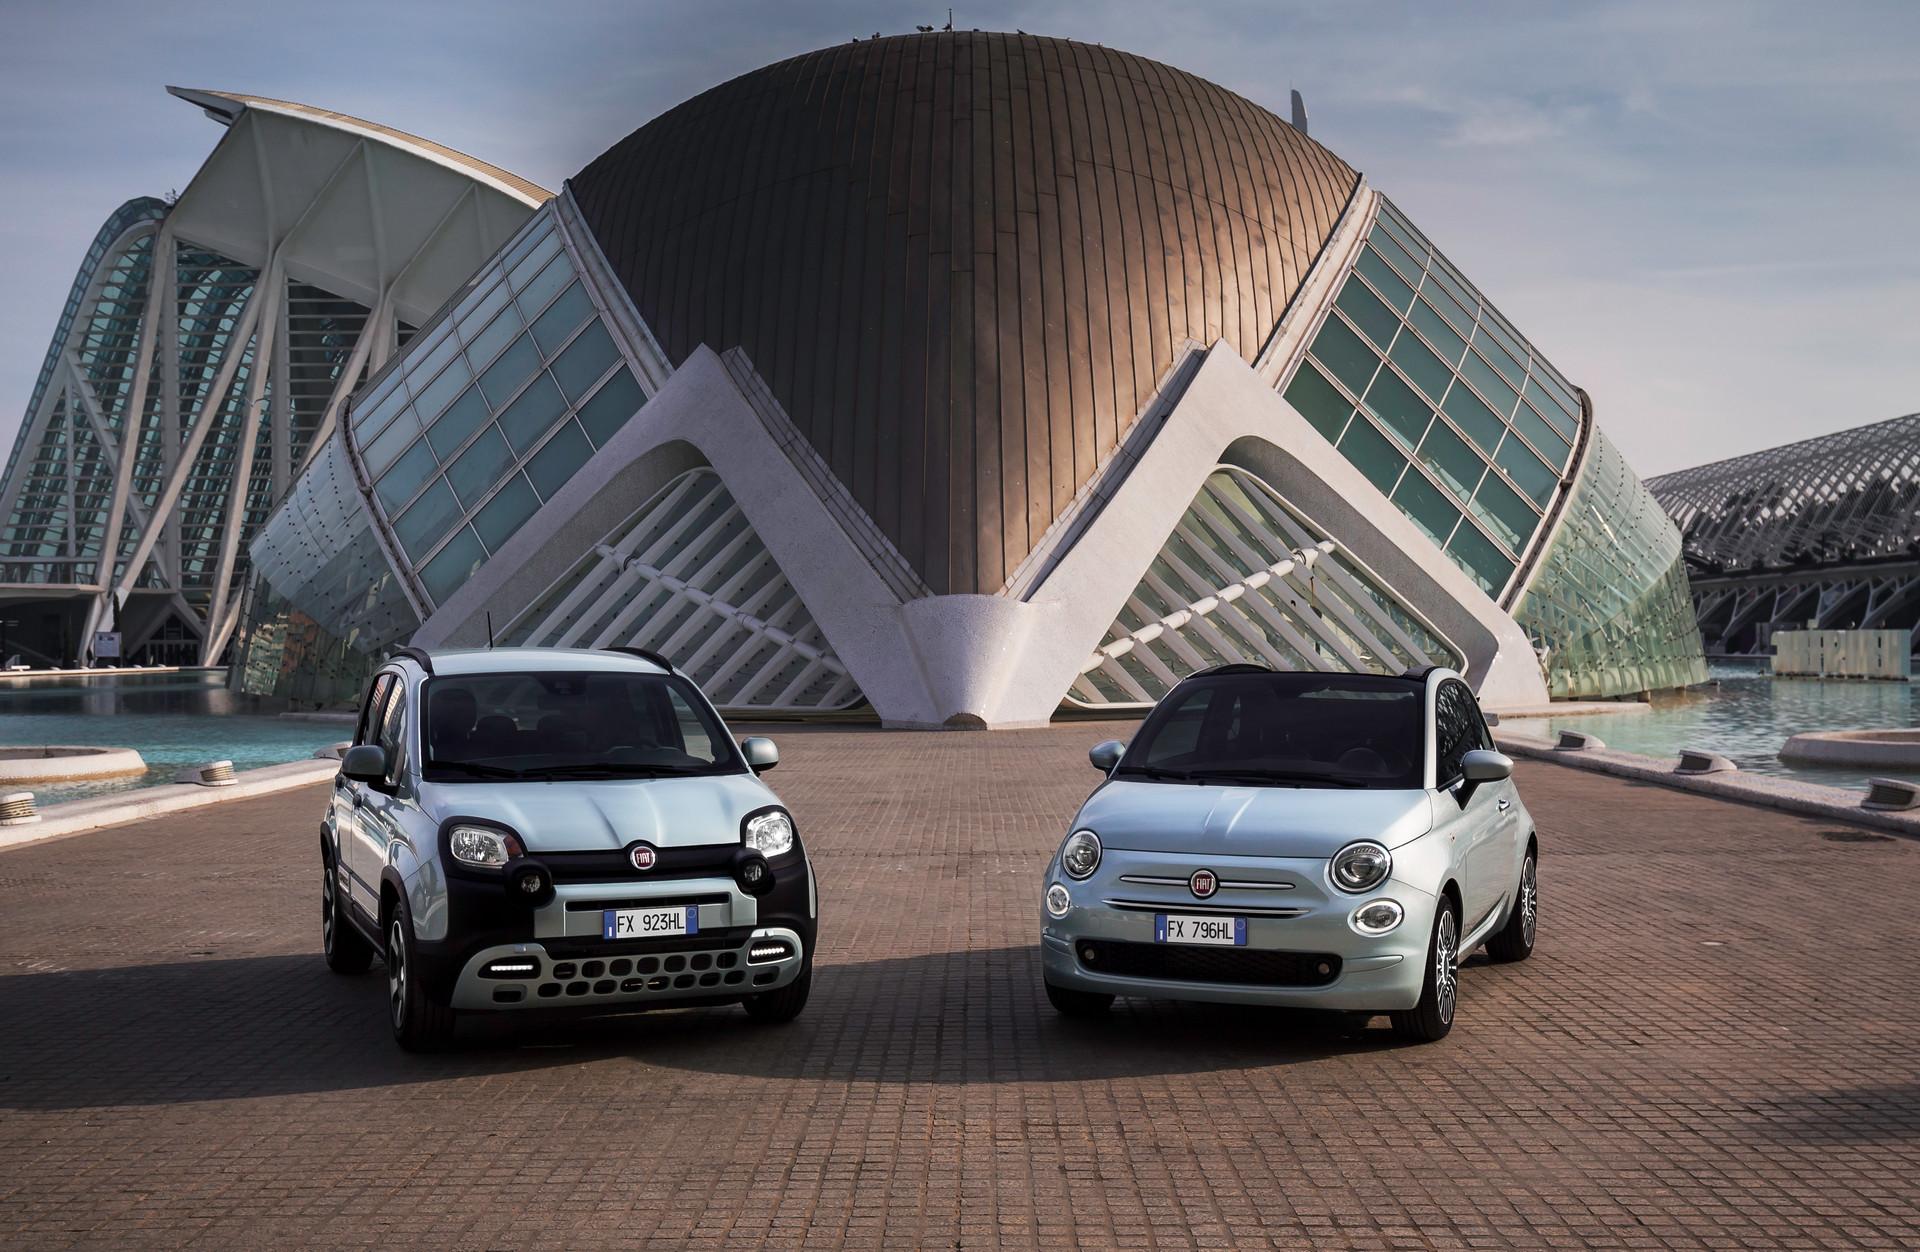 Fiat 500 Hybrid - Fiat Panda Hybrid